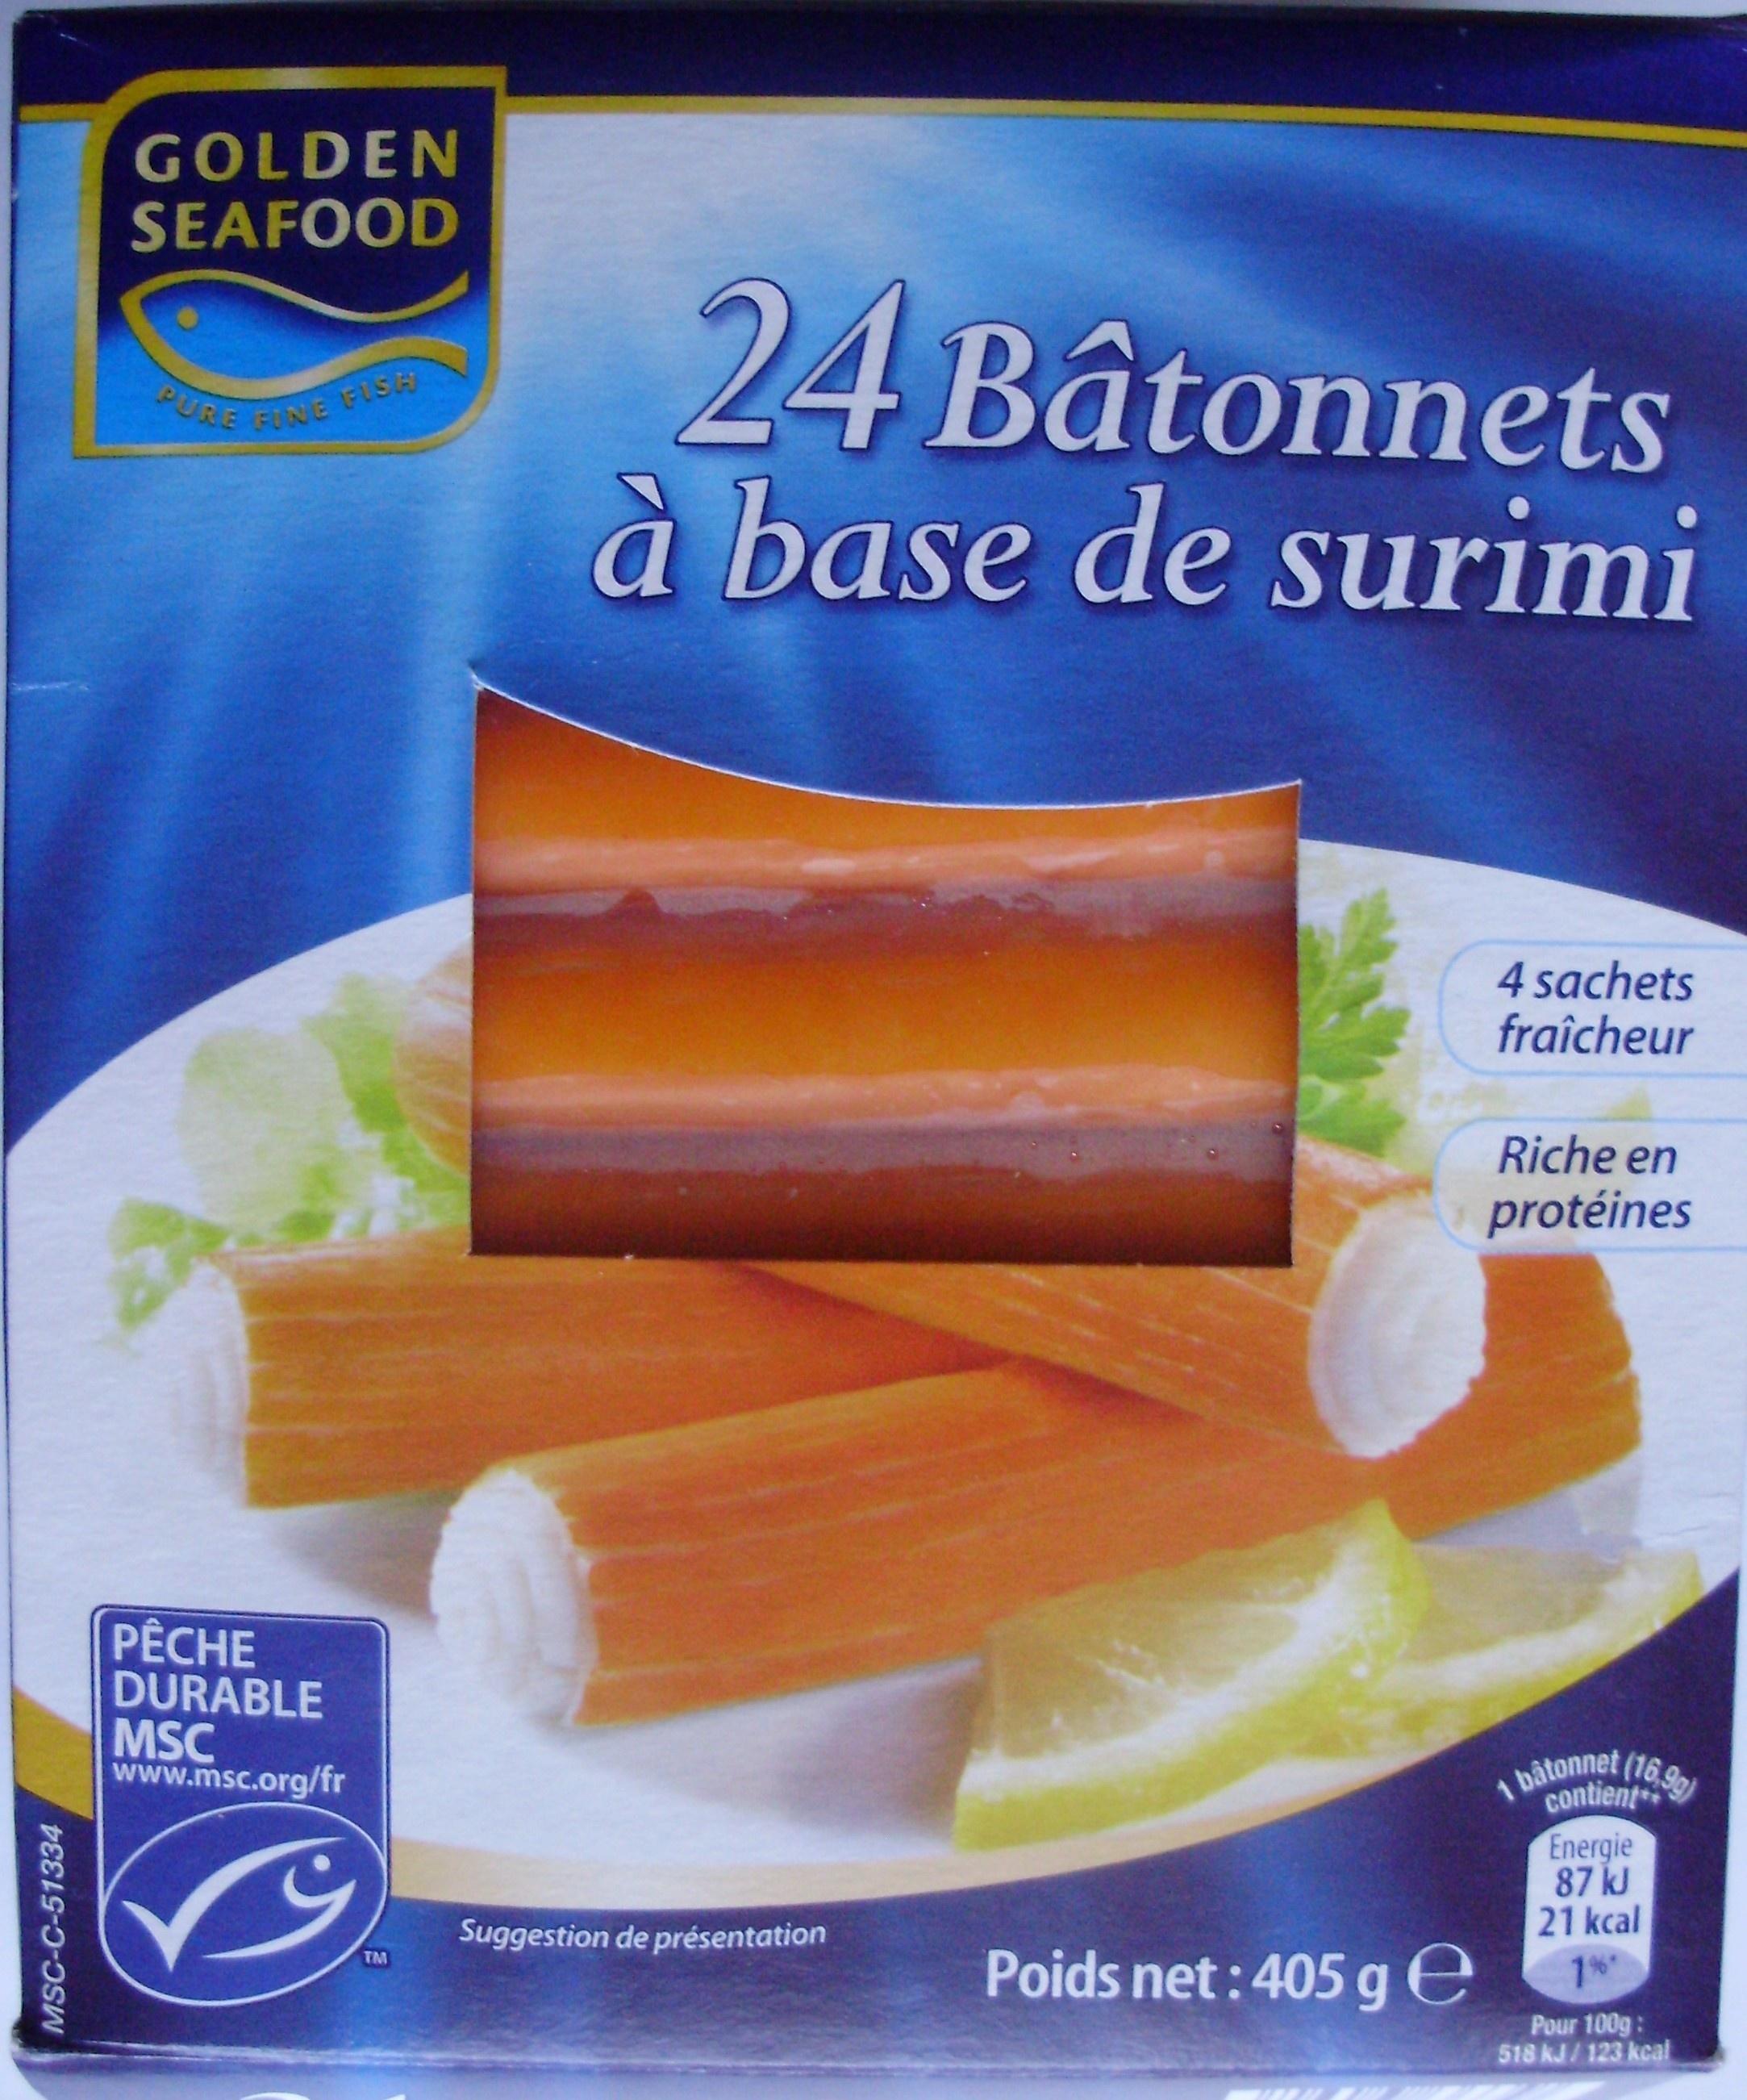 24 Bâtonnets à base de surimi (4 sachets fraîcheur) - Product - fr